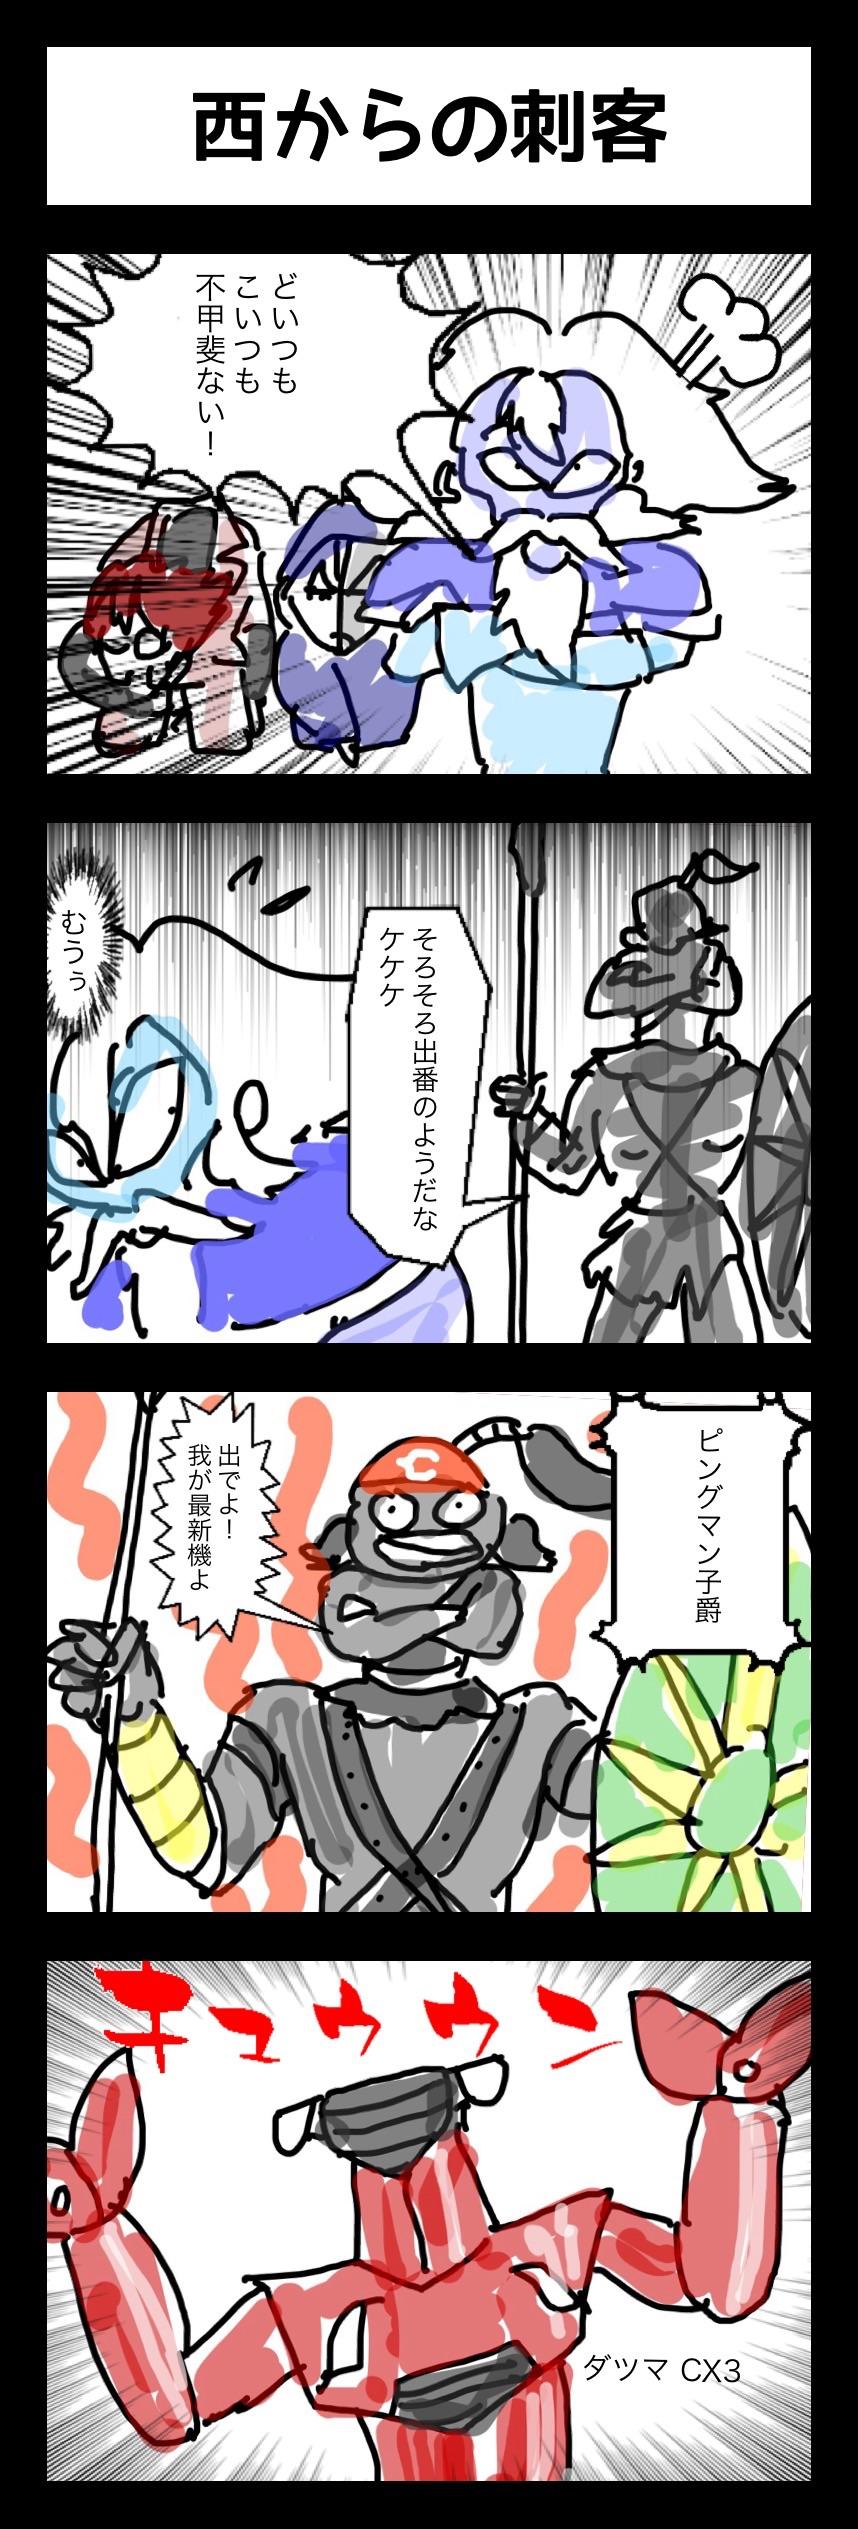 連載4コマ漫画 アトランダーV 19